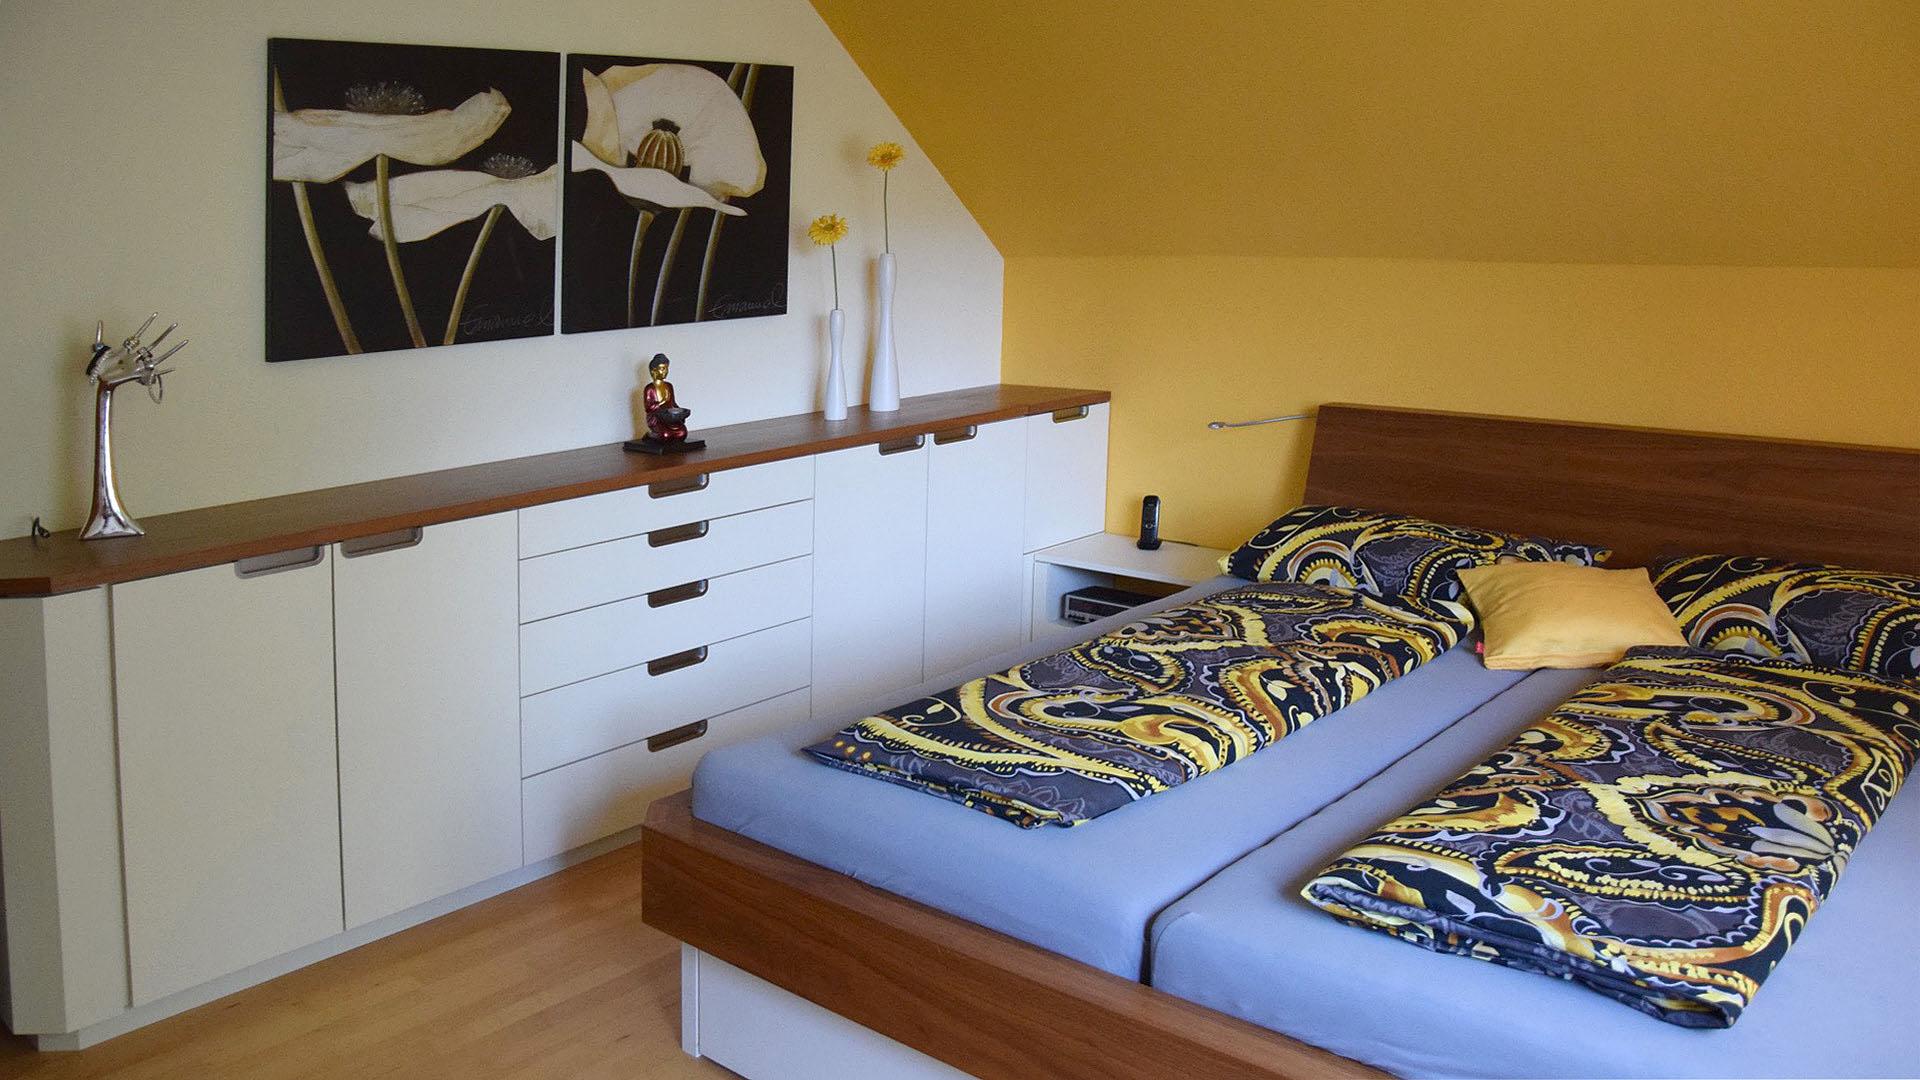 schreinerei julian grimm ideen mit holz der schreiner in fellbach schlafzimmer nussbaum. Black Bedroom Furniture Sets. Home Design Ideas